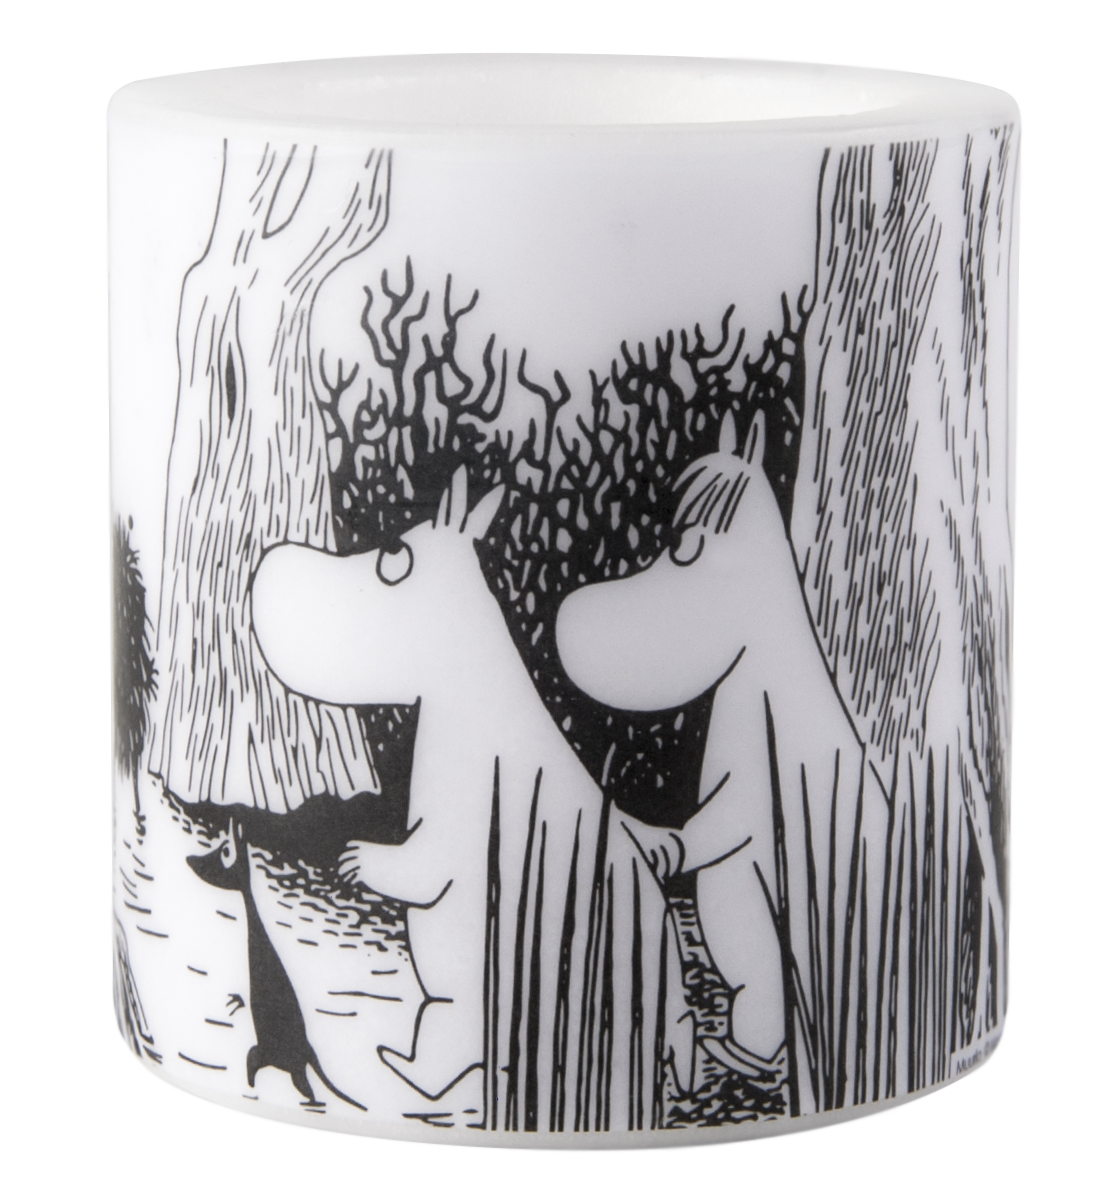 Muurla Moomin Secret place candle 8cm